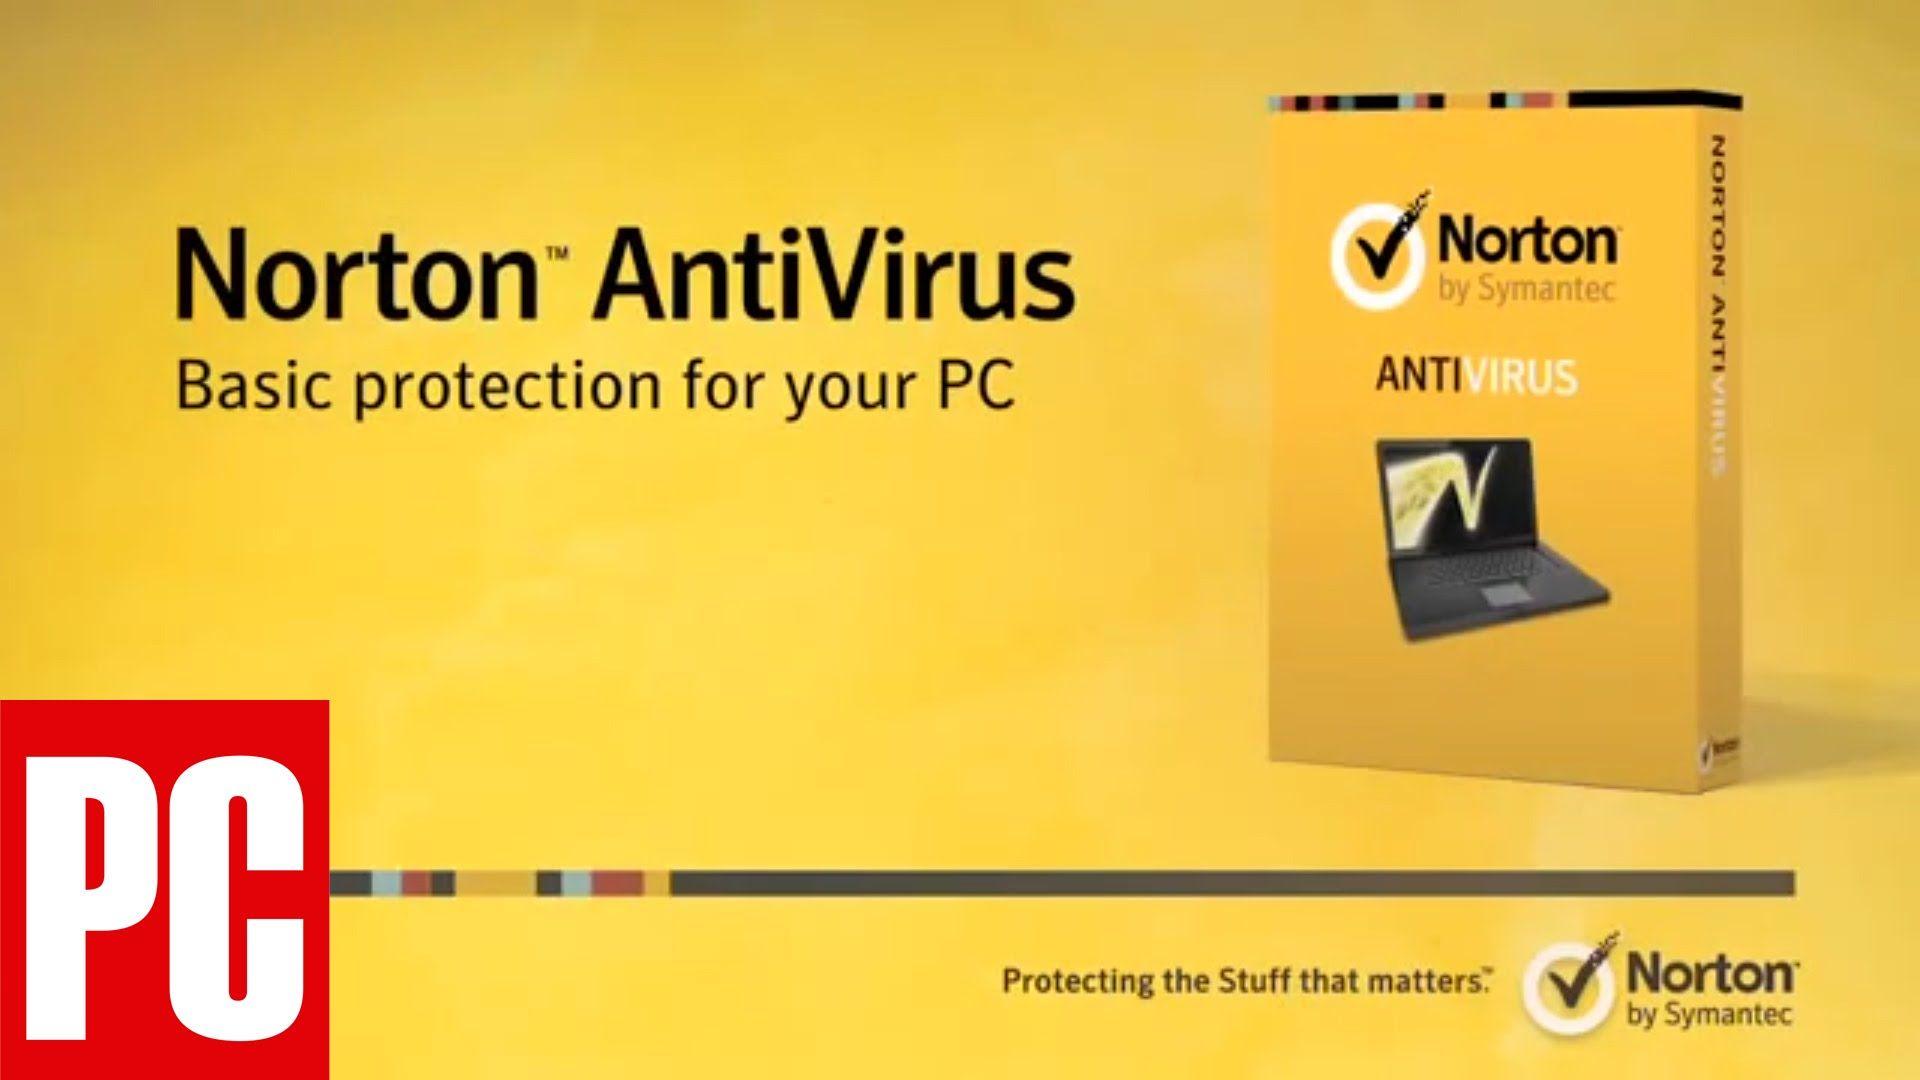 Norton Antivirus Free Download Full Version New Software Download Norton Antivirus Antivirus Software Free Antivirus Software